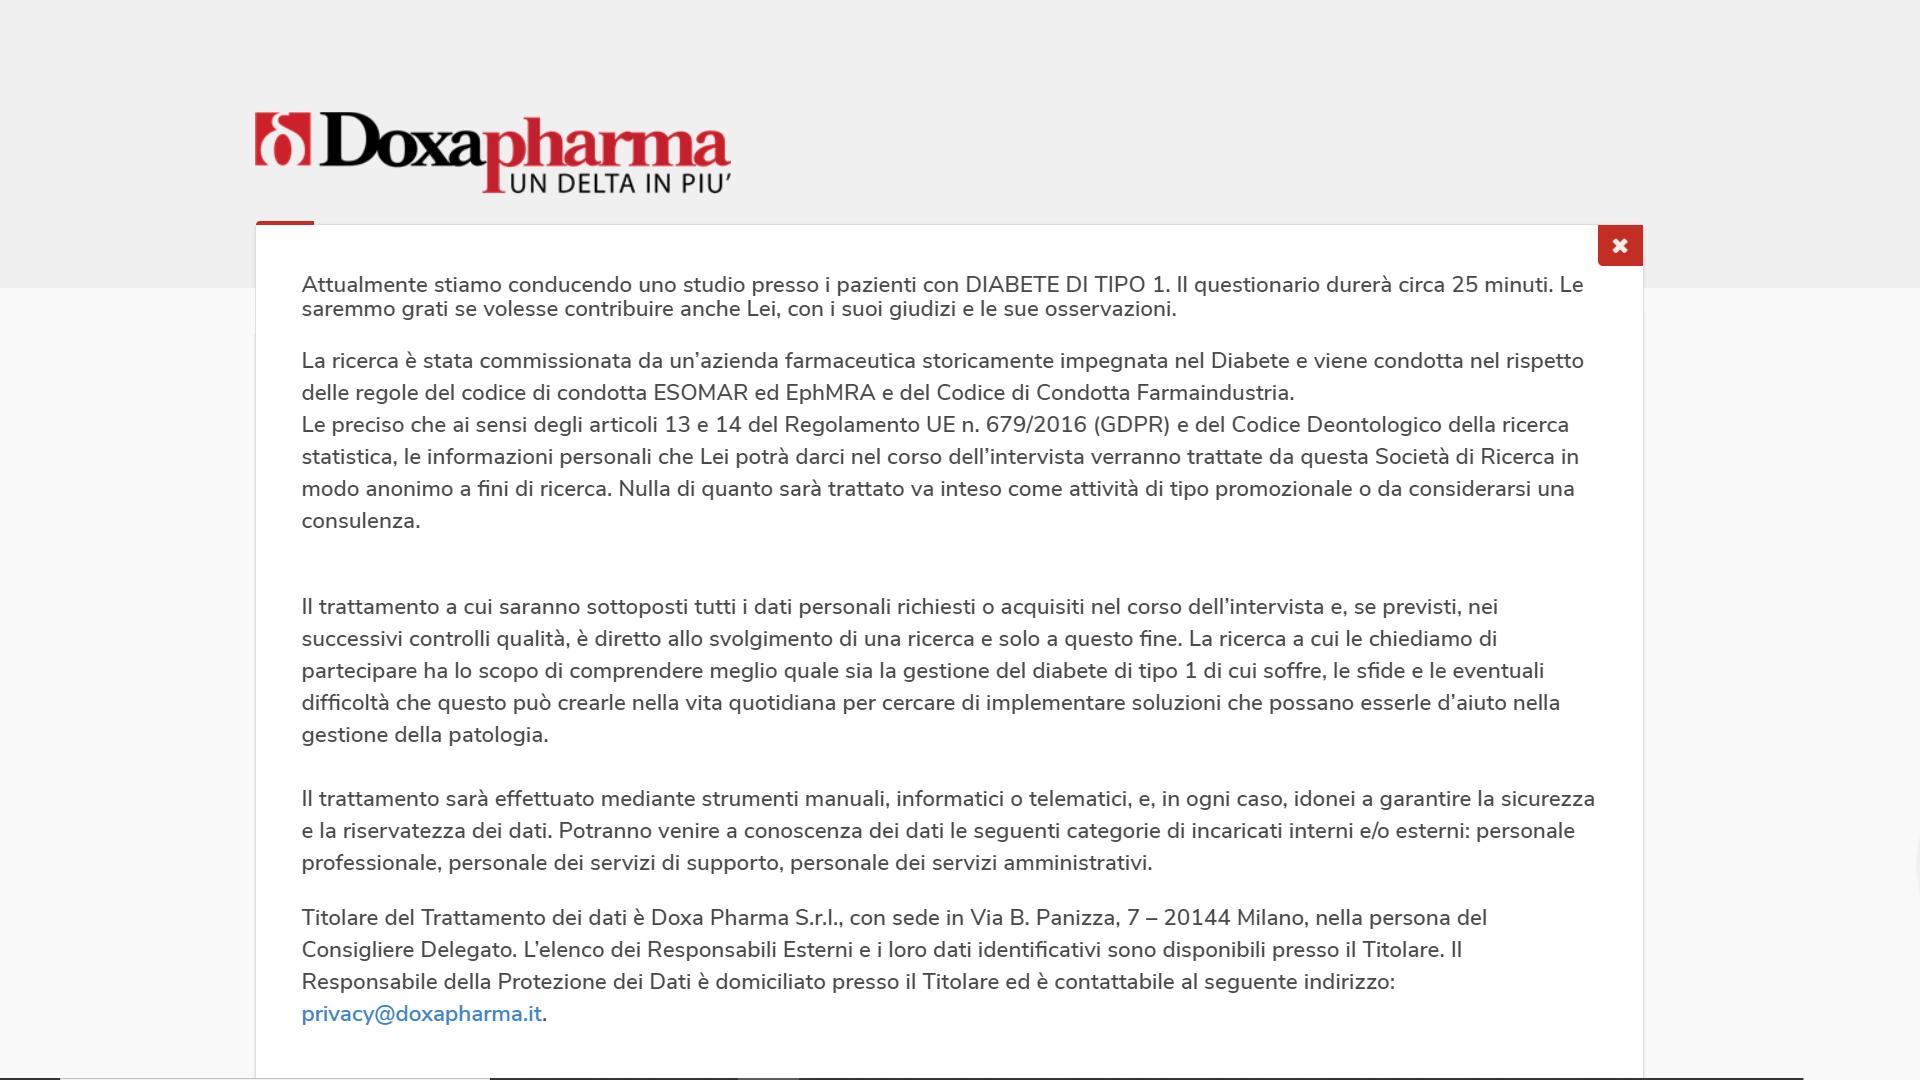 Doxa Pharma